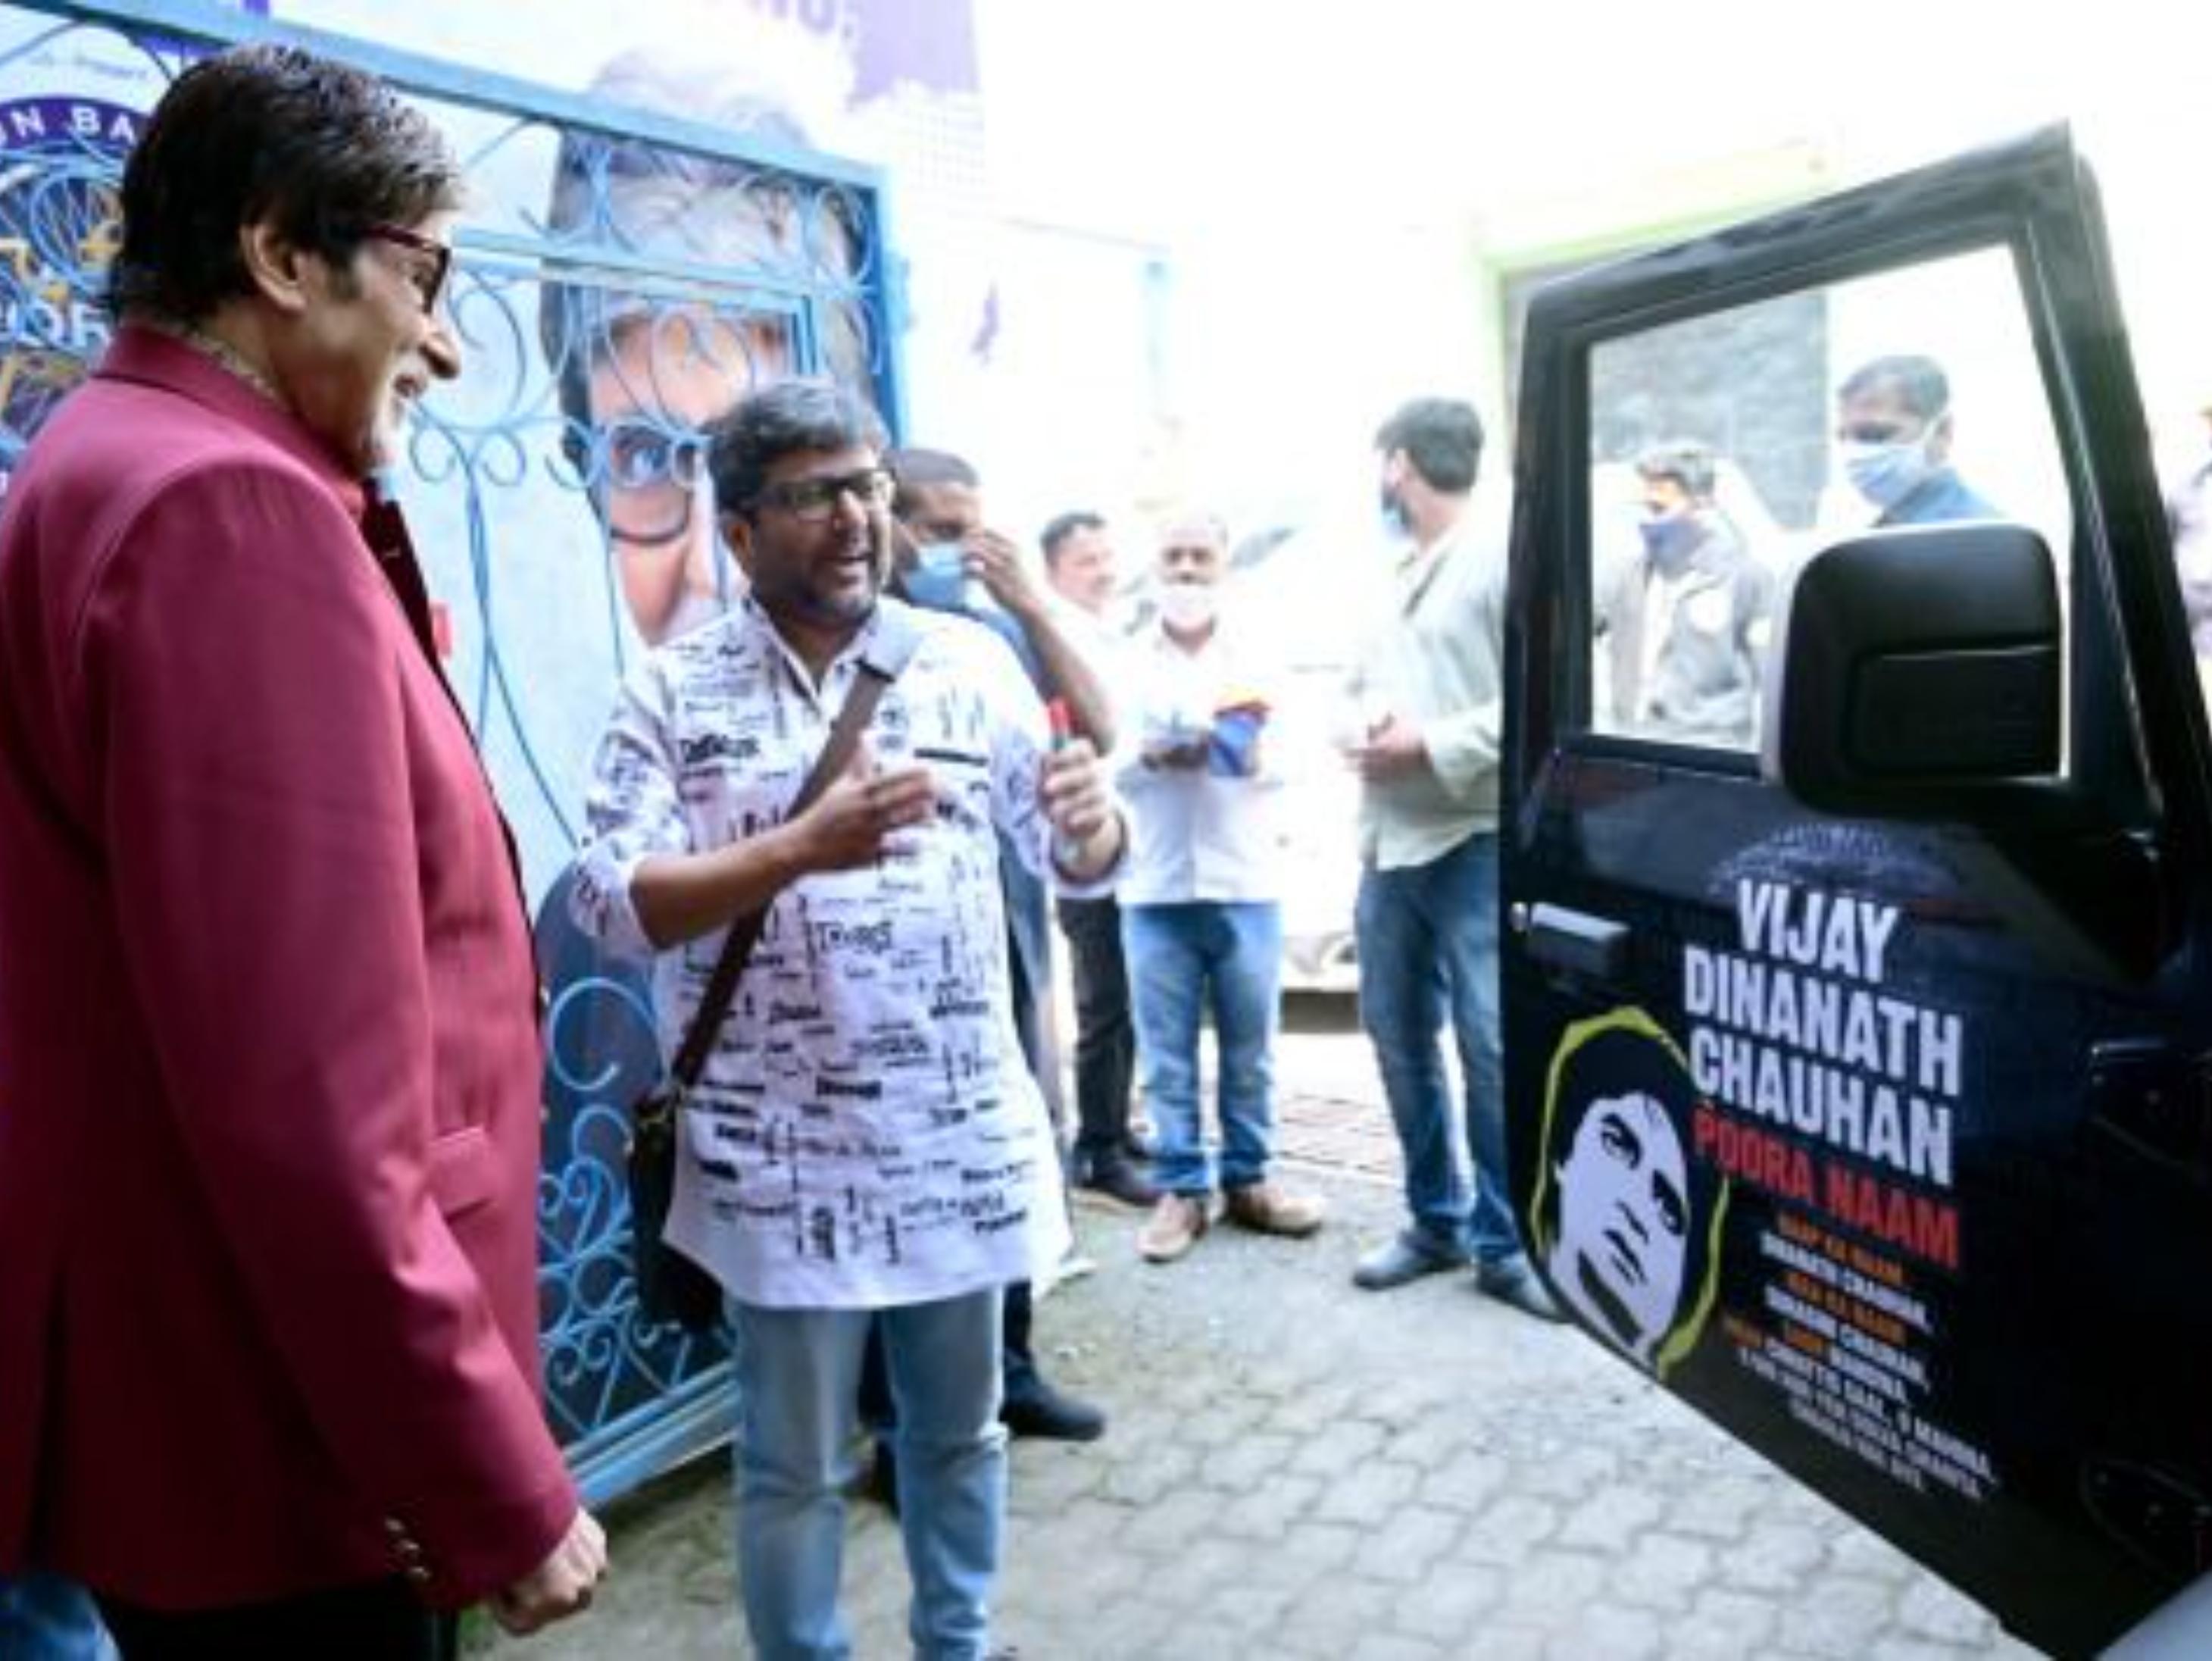 फैन ने गाड़ी पर लिखवा लिए अमिताभ बच्चन के डायलॉग्स, शर्ट पर लिखे सारी फिल्मों के नाम|बॉलीवुड,Bollywood - Dainik Bhaskar